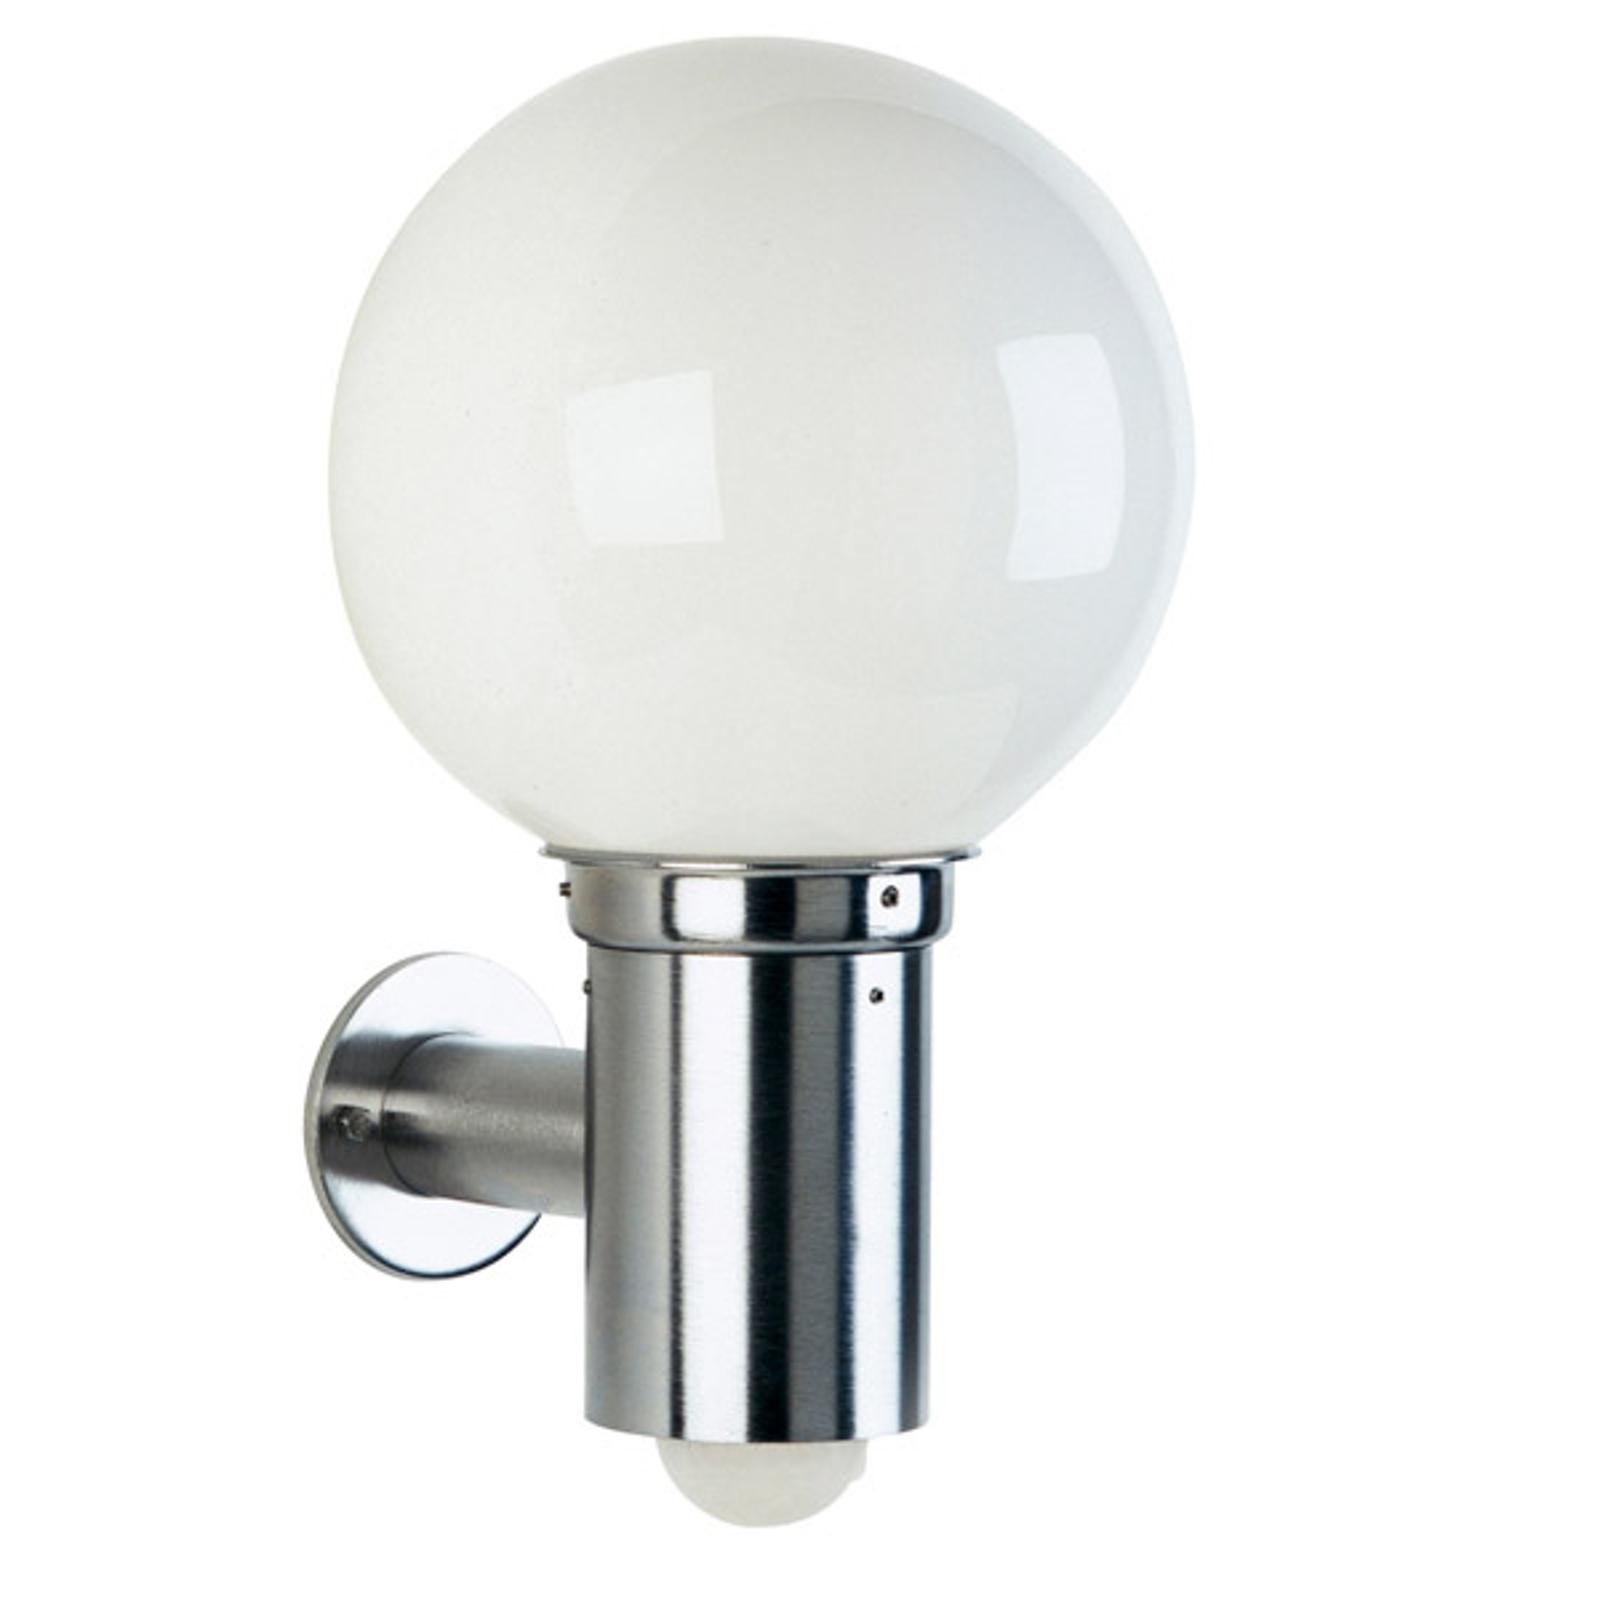 Kulista zewnętrzna lampa ścienna 157 z czujnikiem